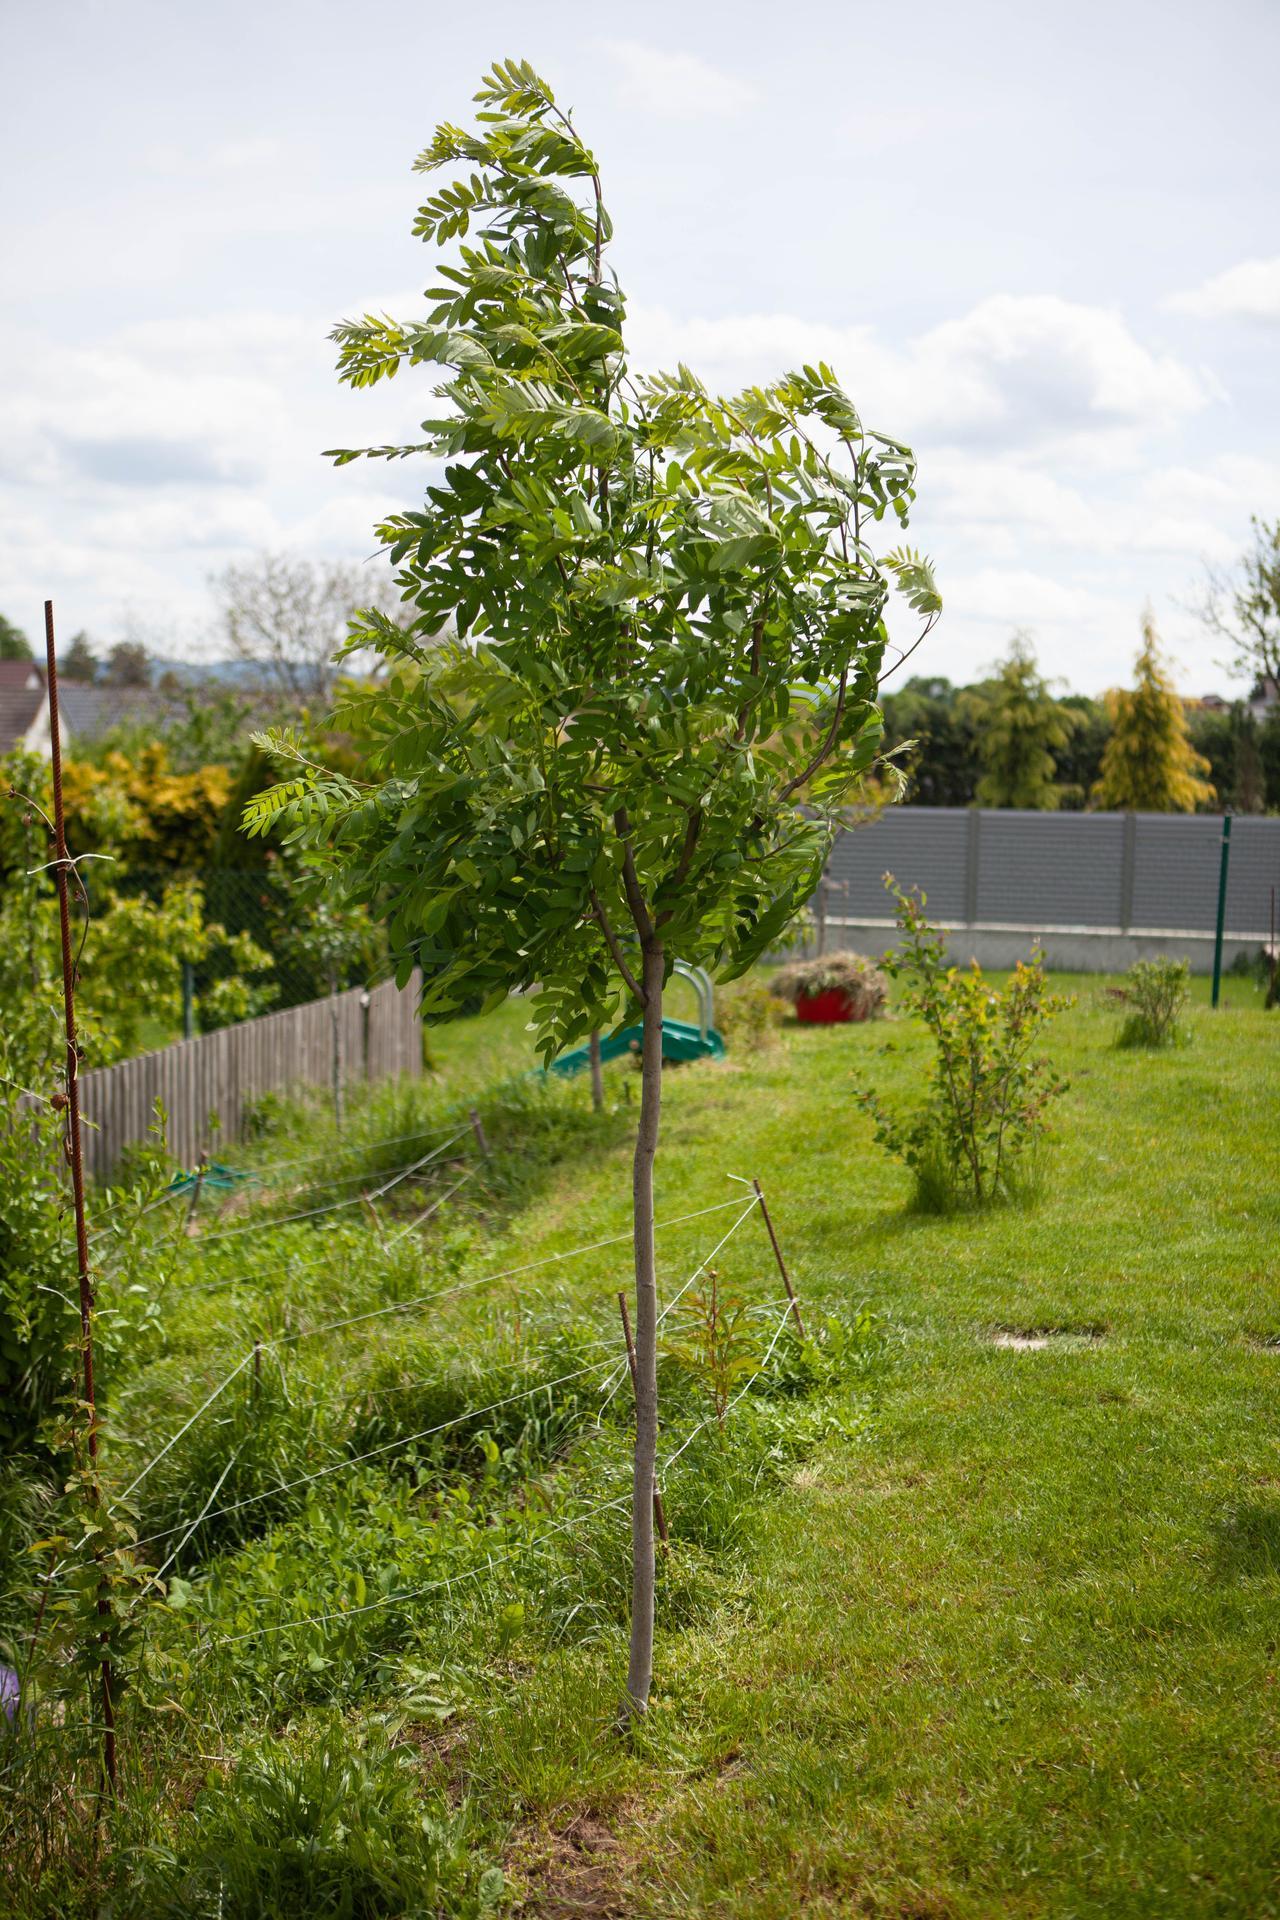 U nas v zahrade v roku 2021 - dcerkin strom, ktory sme zasadili k jej narodeniu - oskorusa